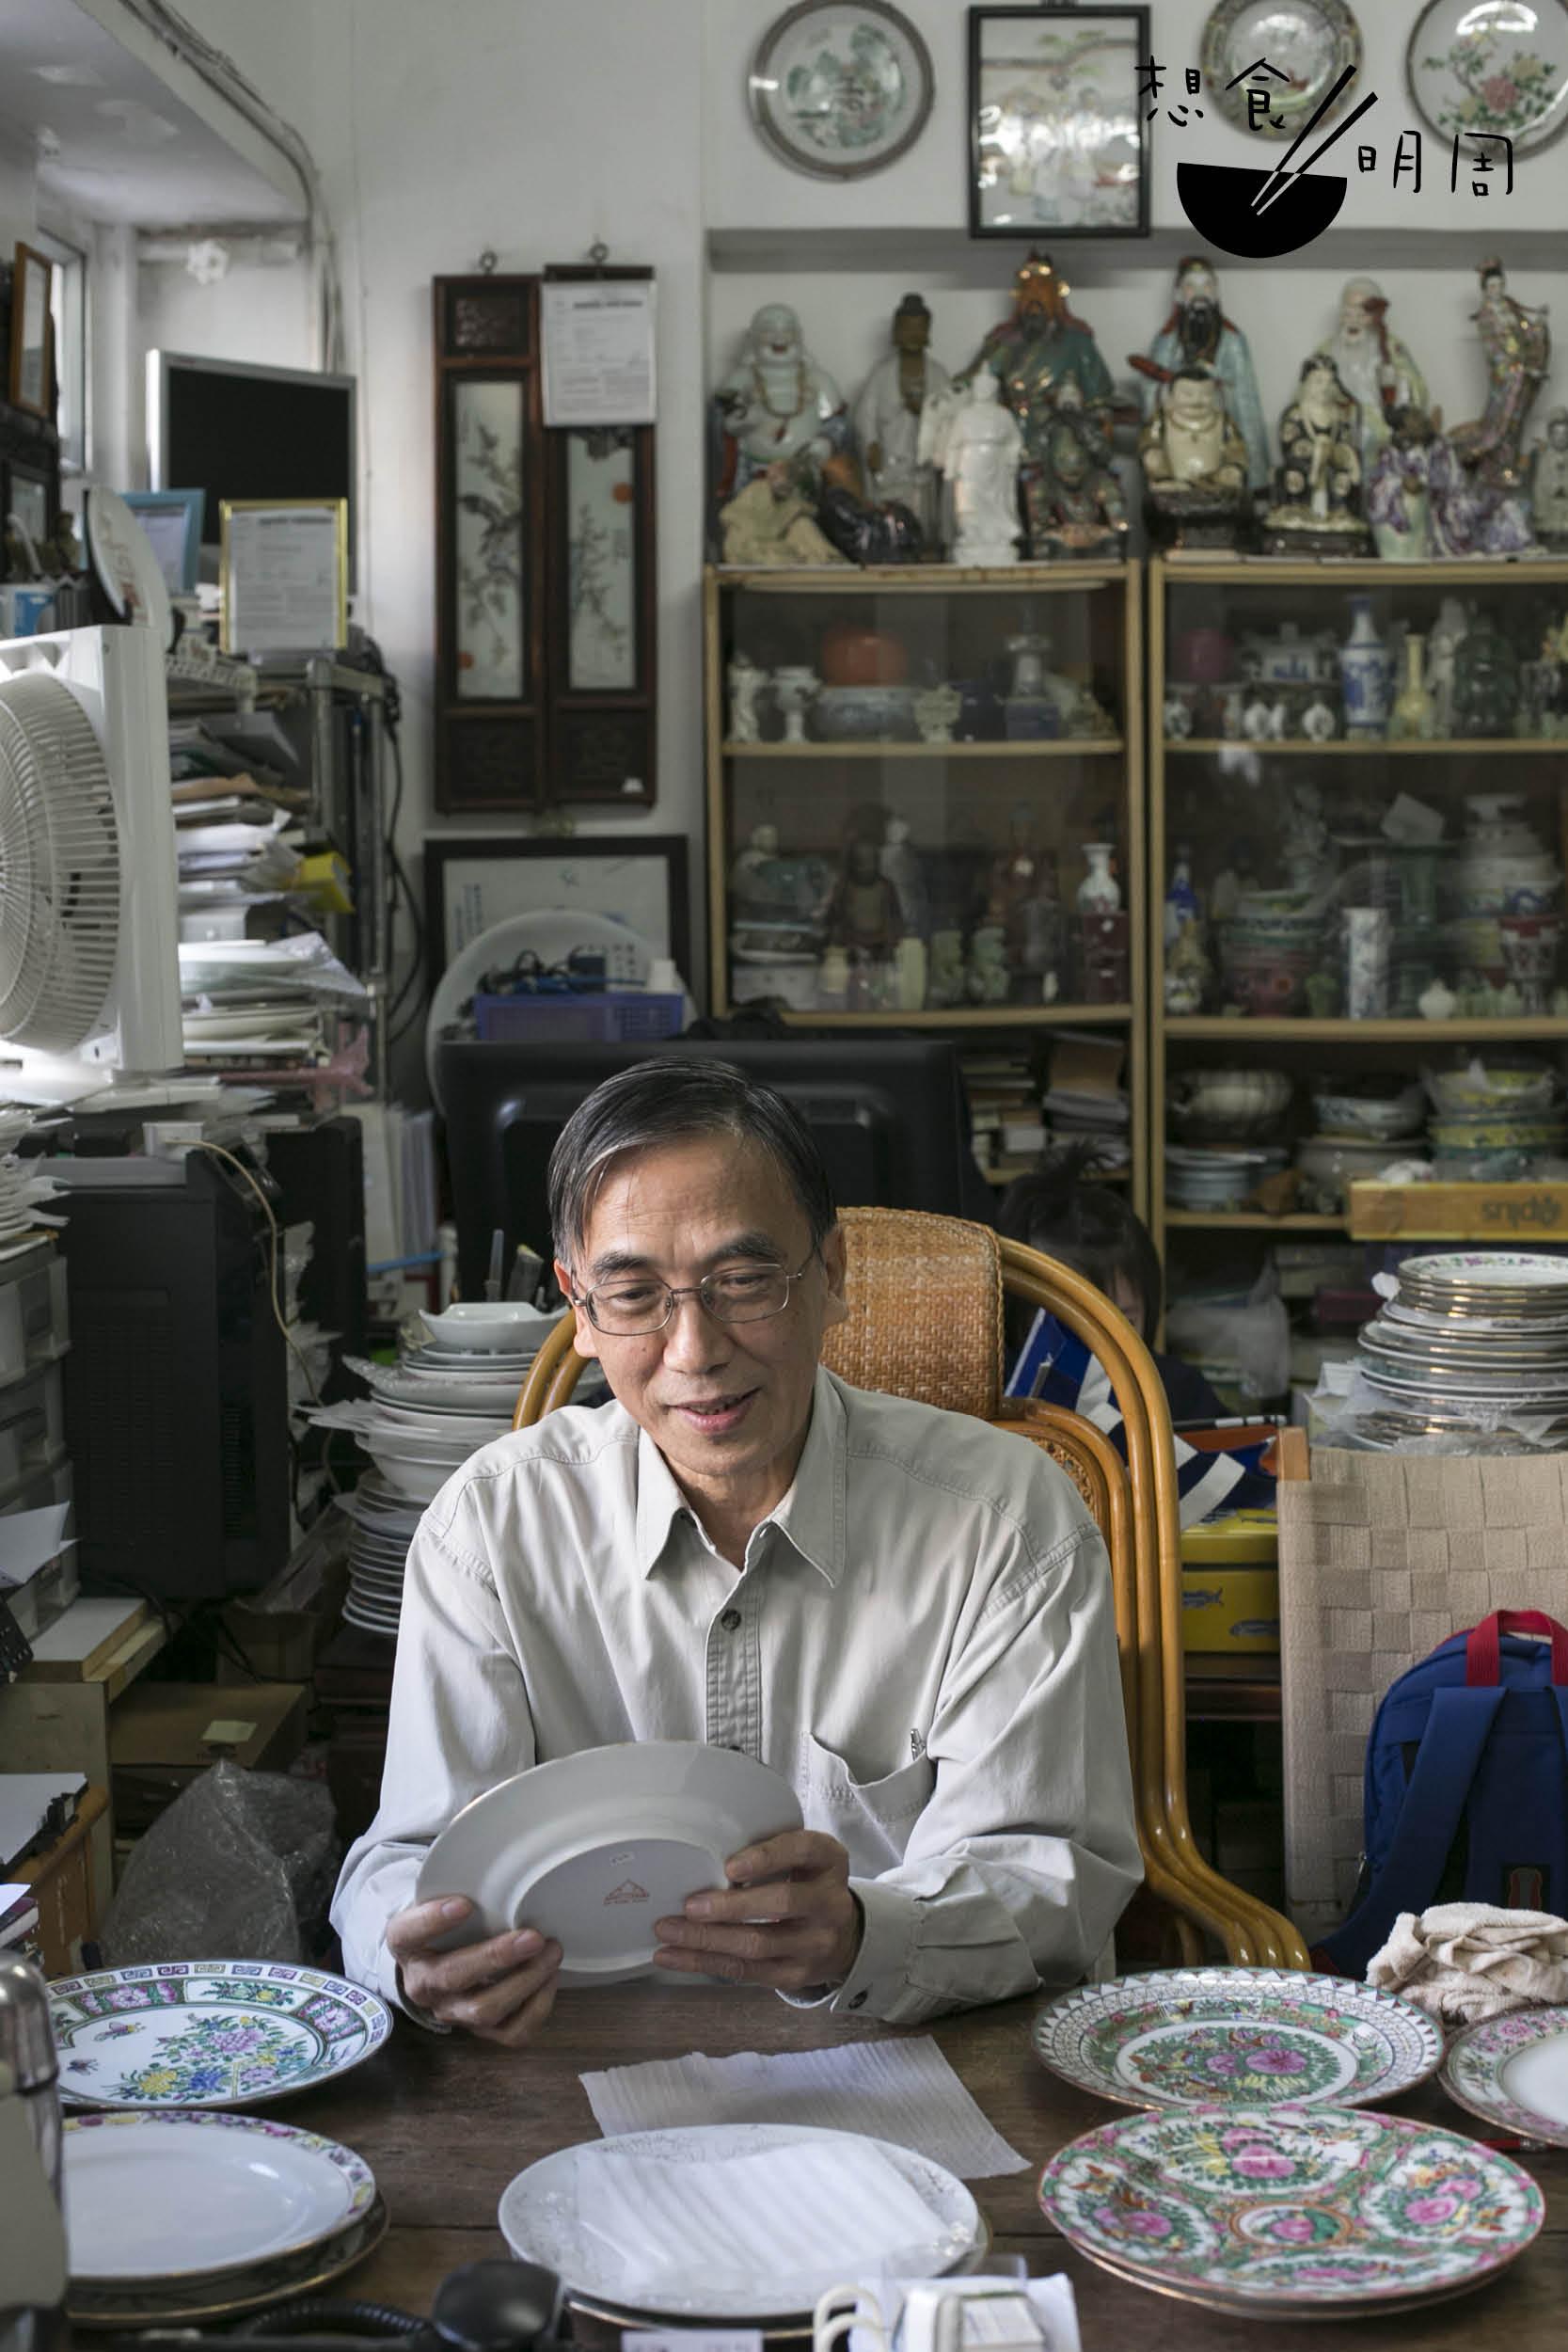 粵東磁廠第三代傳人曹志雄 在閒談之間,笑說自己近年 總在做文物修復,把廠內老 舊的器具,重新填上因時代 而脫落的花線紋飾,再等待 伯樂來購。